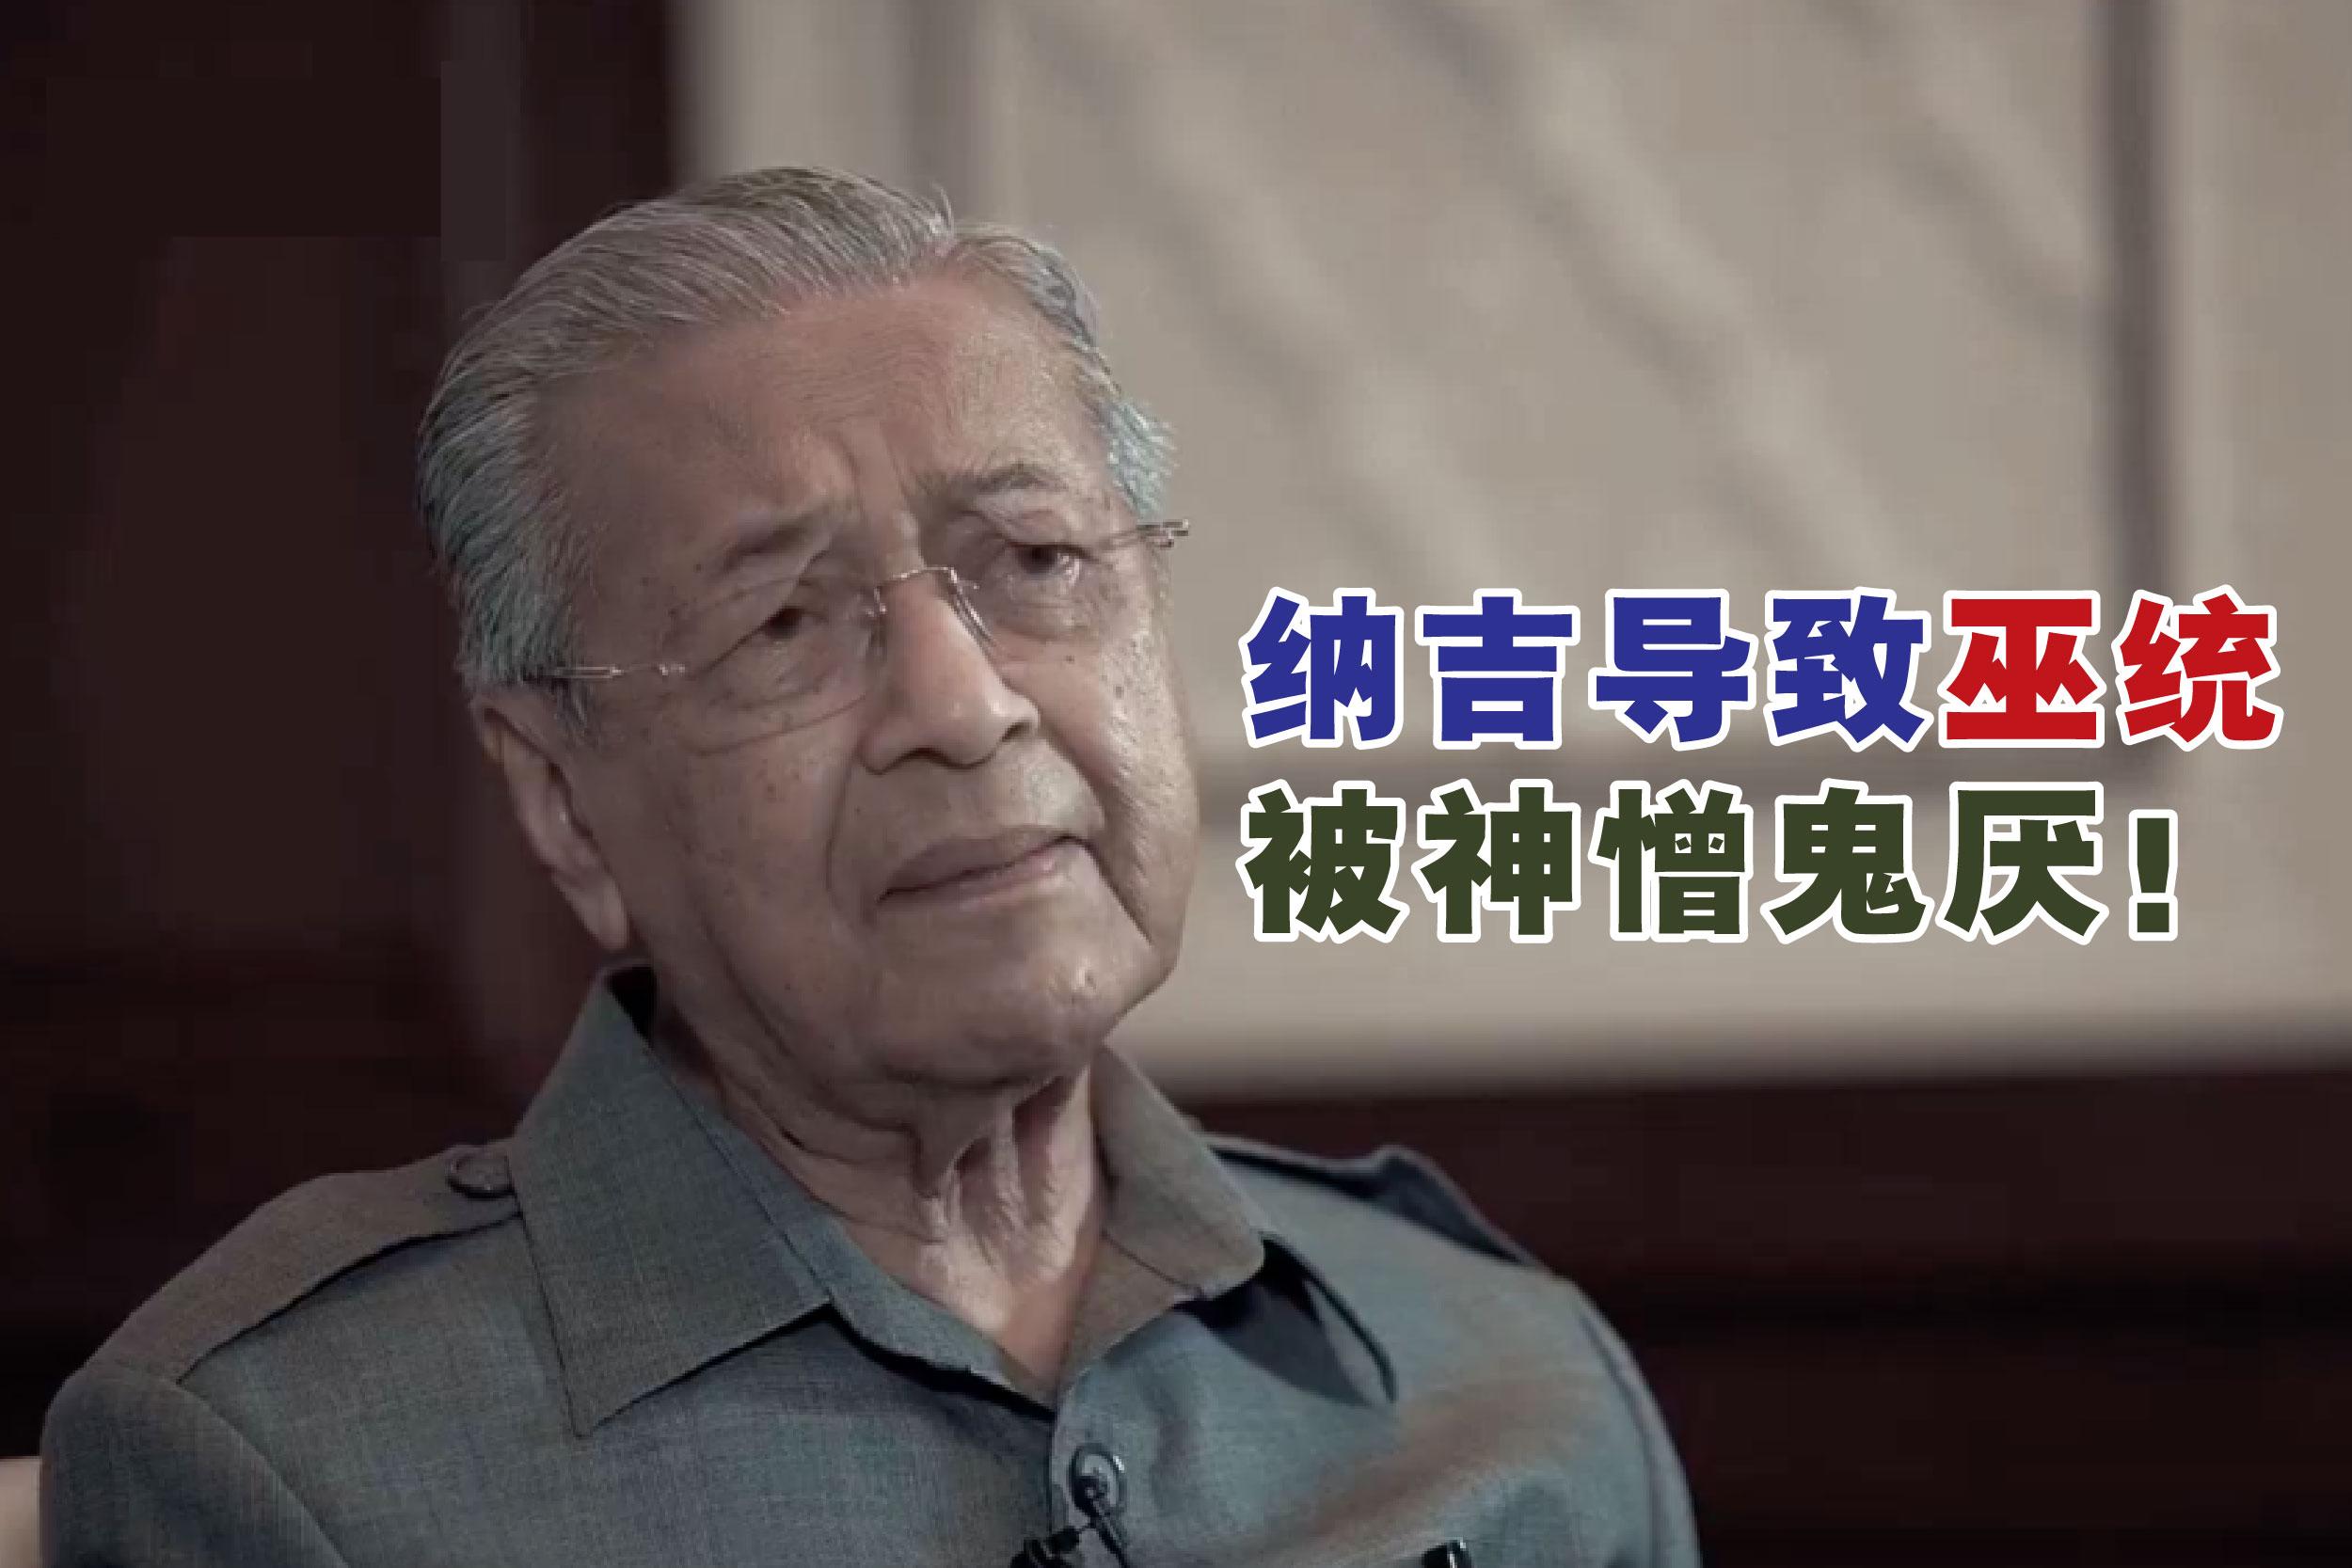 马哈迪说,很多人都传纳吉在制定政策时,听从罗丝玛的指示。-图截自视频-